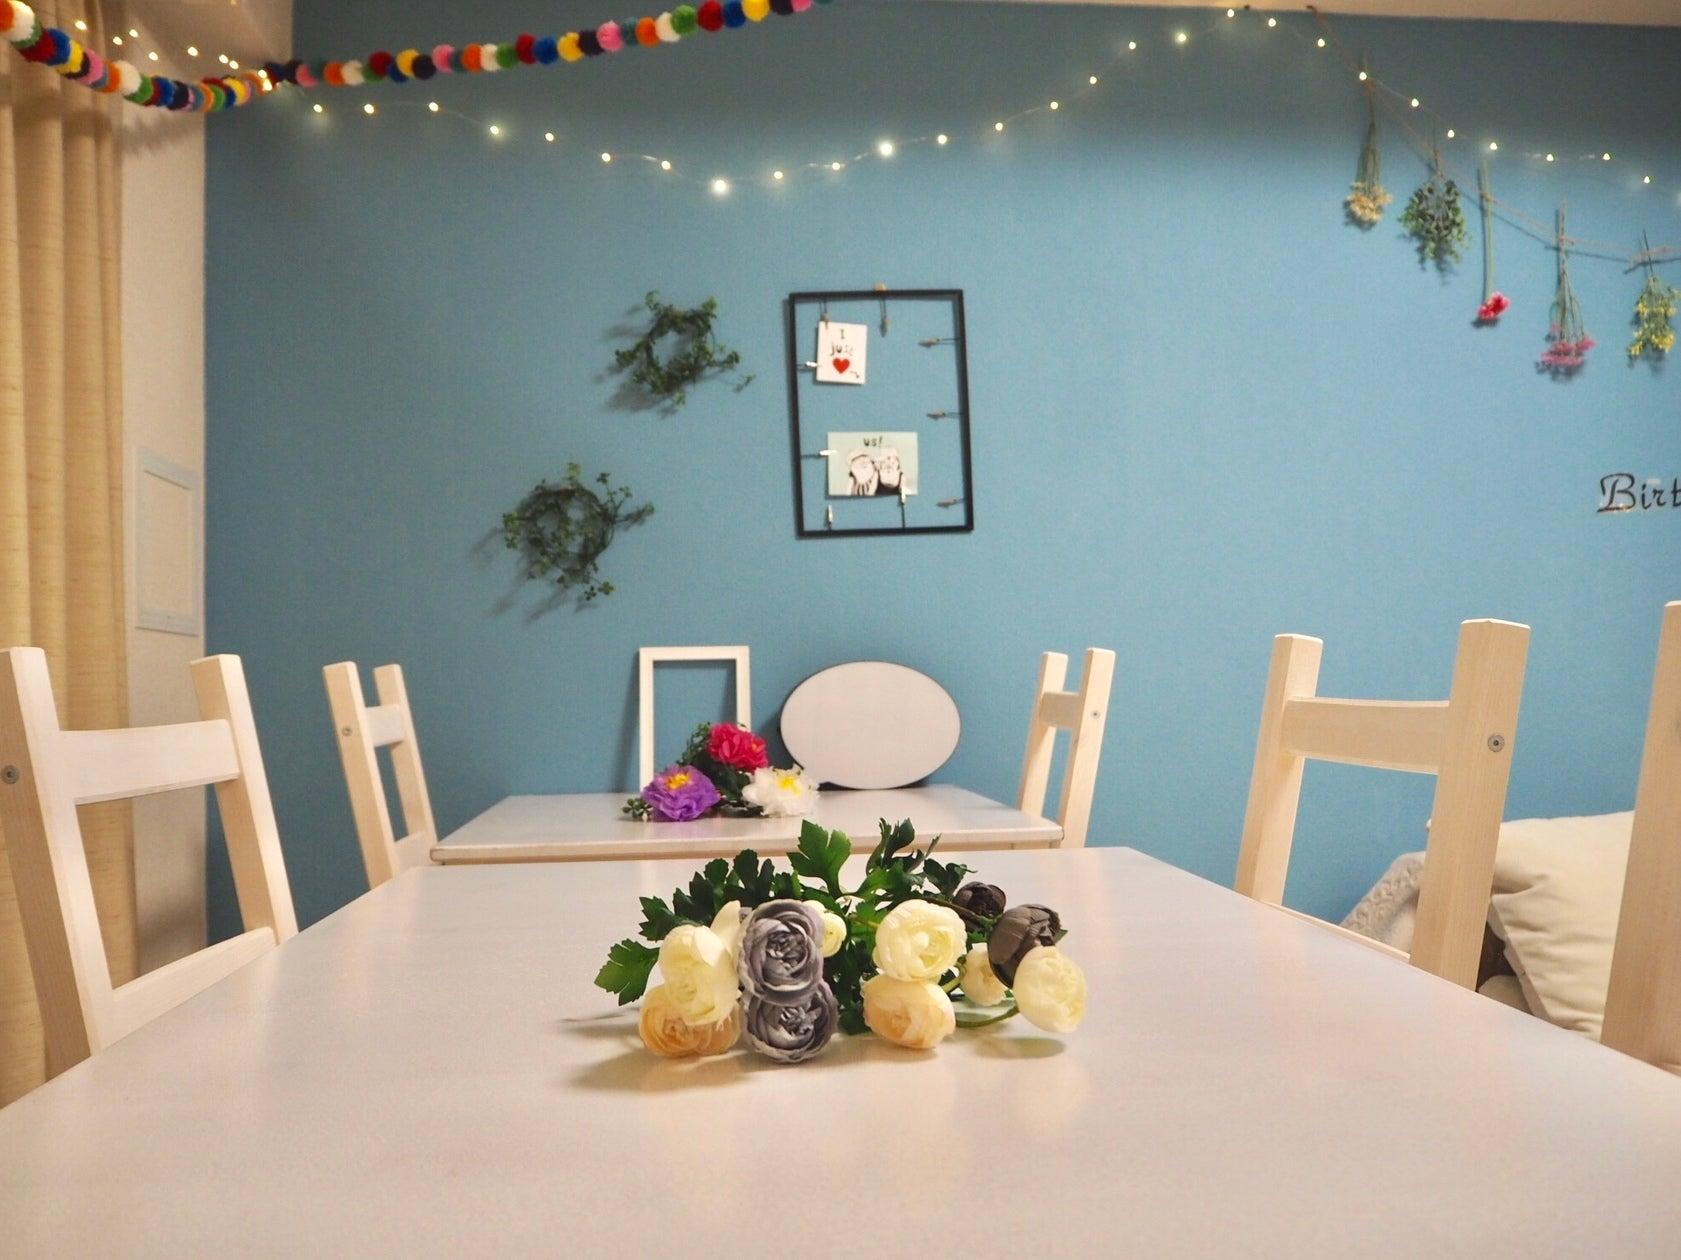 6名様がゆったり座れるホワイトのダイニングテーブルとイスがブルーの壁紙に映えます 会議やパーティ、ワークショップなどに使いやすいです♪ 壁飾りのフレームに、お好きな写真などを飾れます!